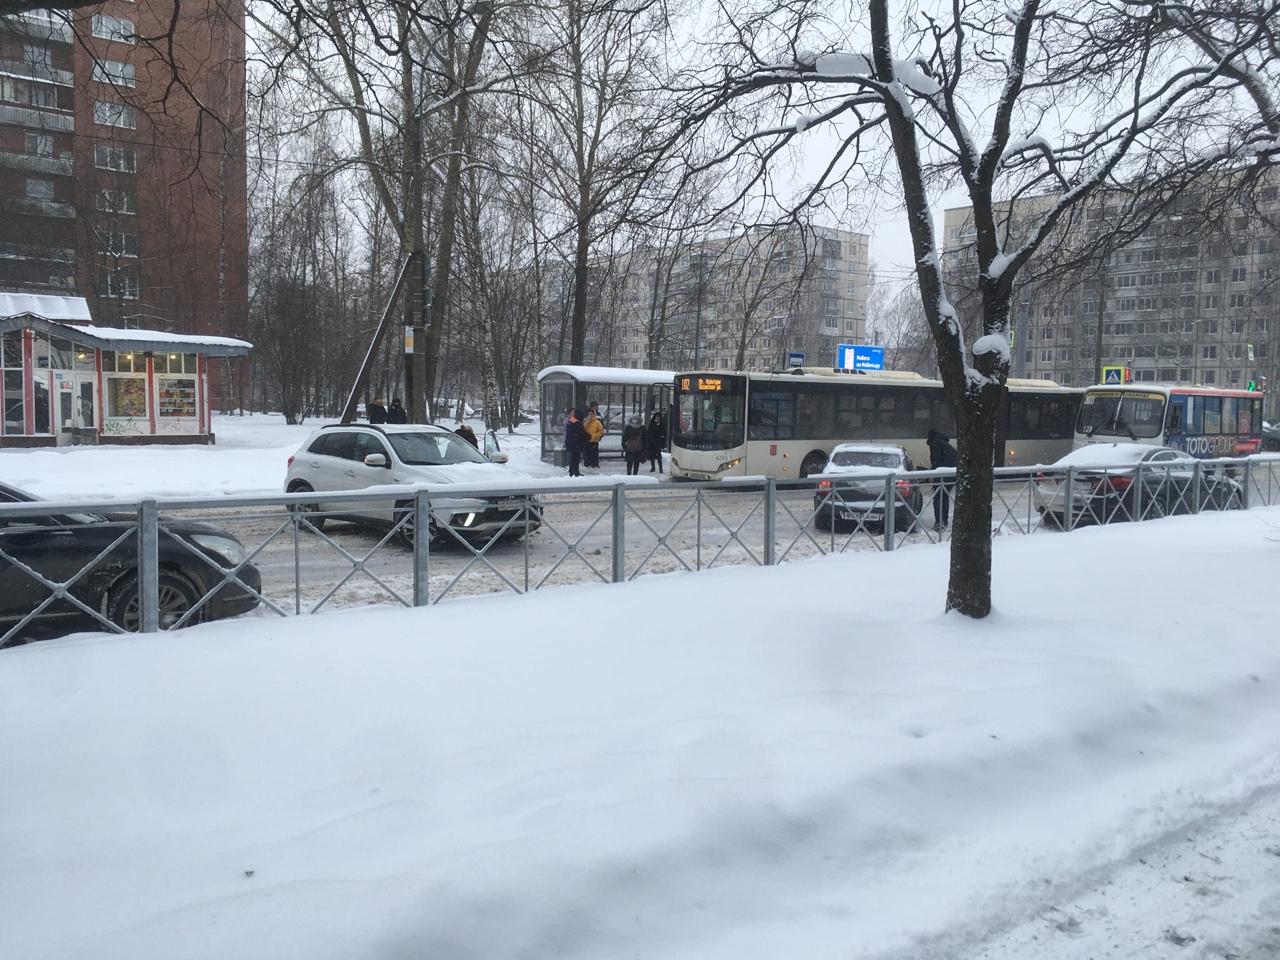 На перекрёстке Учительской и Светлановского проспекта, встретились Гранта и Митсубиси, мешают проеха...